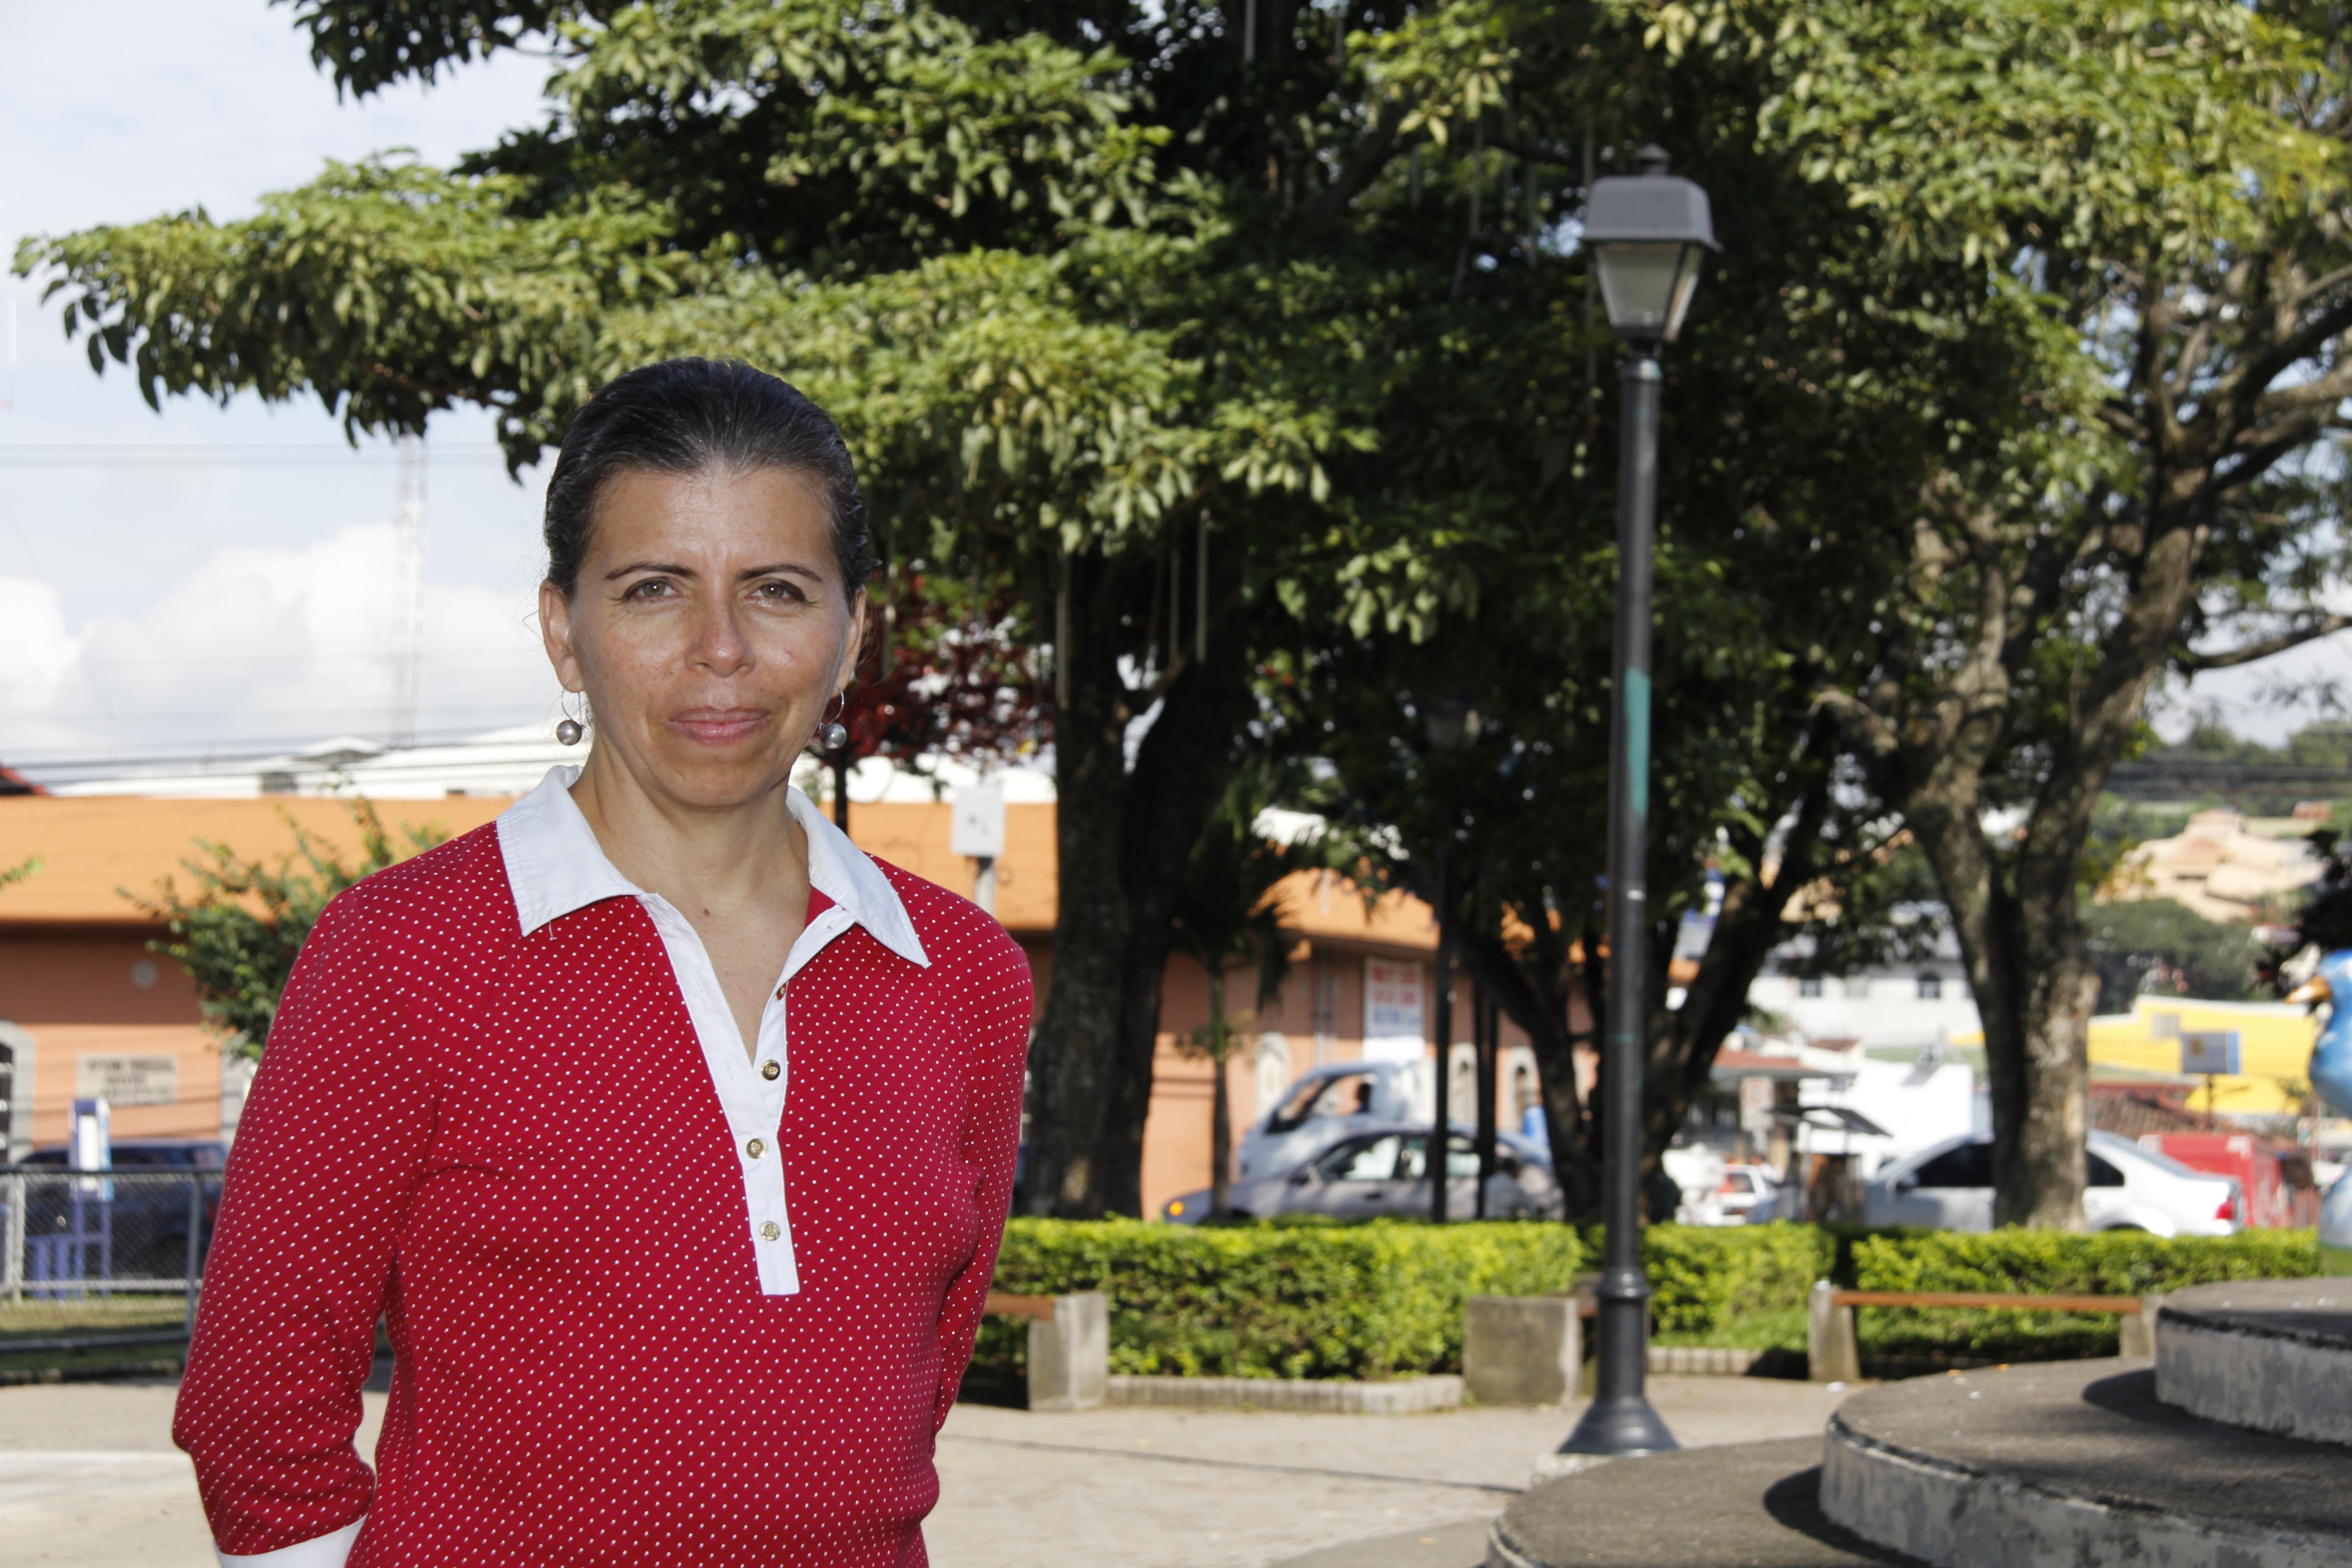 Maria Antonia Castro